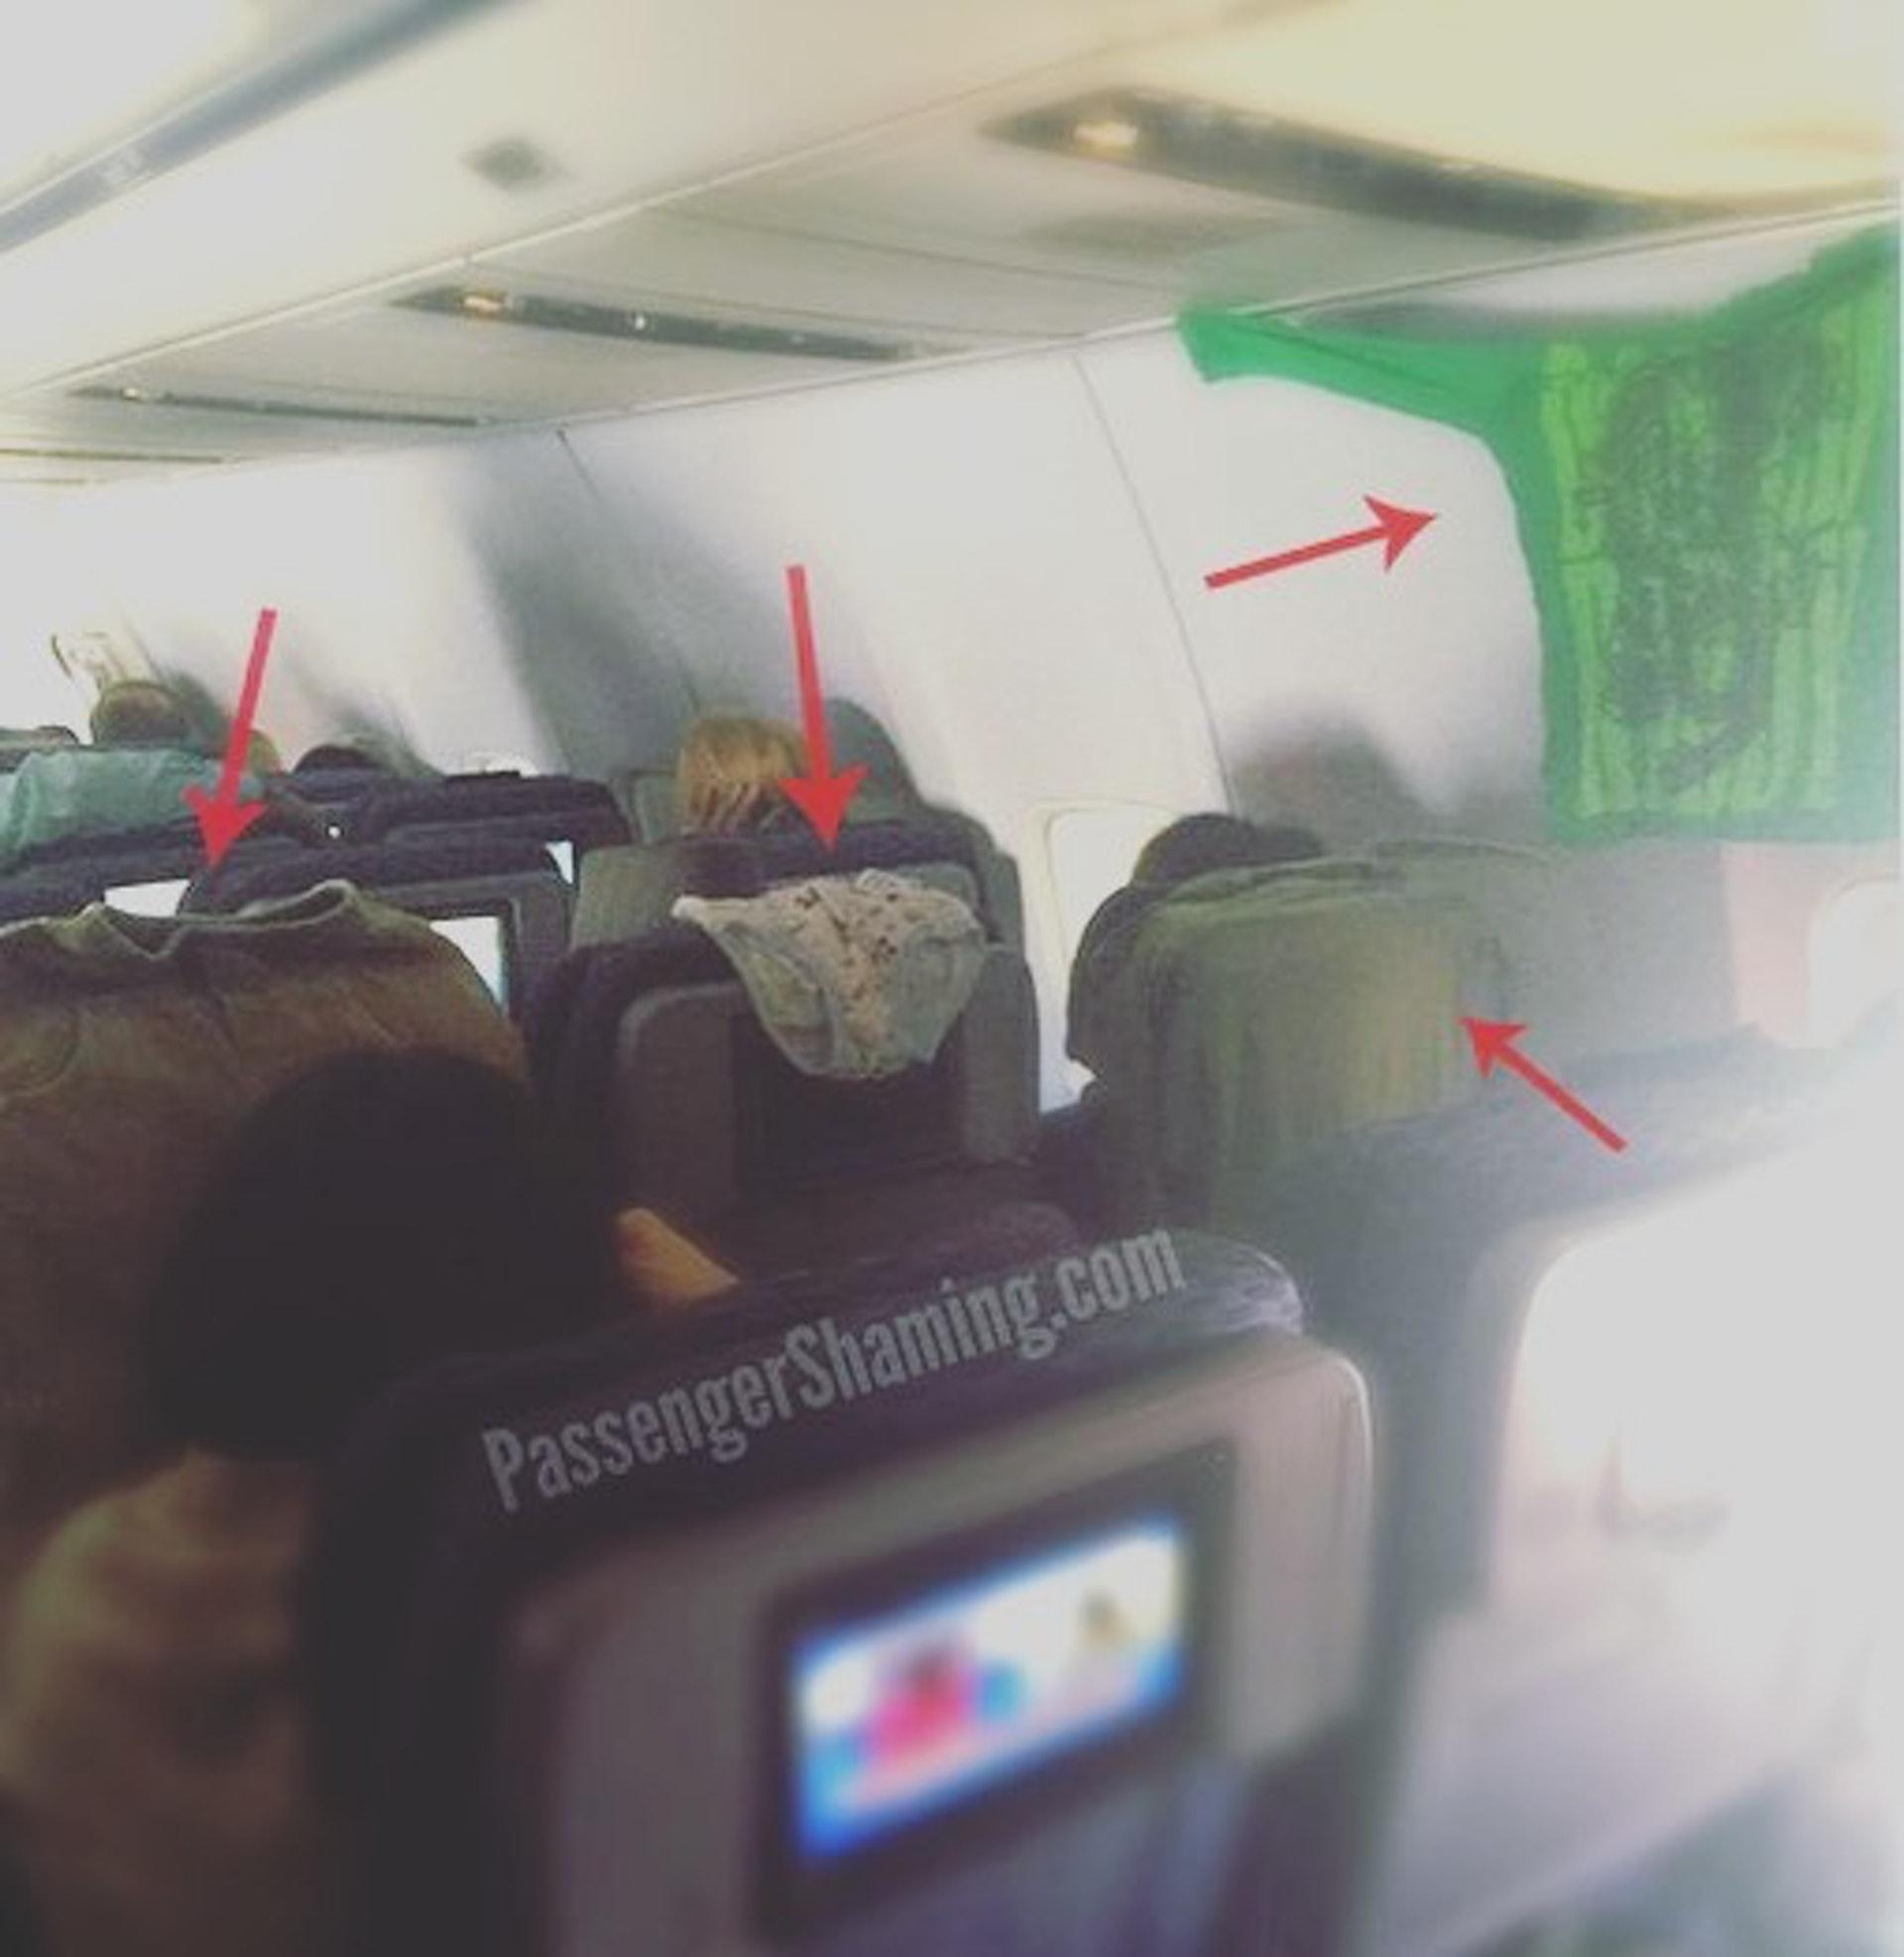 晾底褲|竟然會有乘客在機上晾底褲,真的令人眼界大開。(圖片來源:passengershaming@ig)